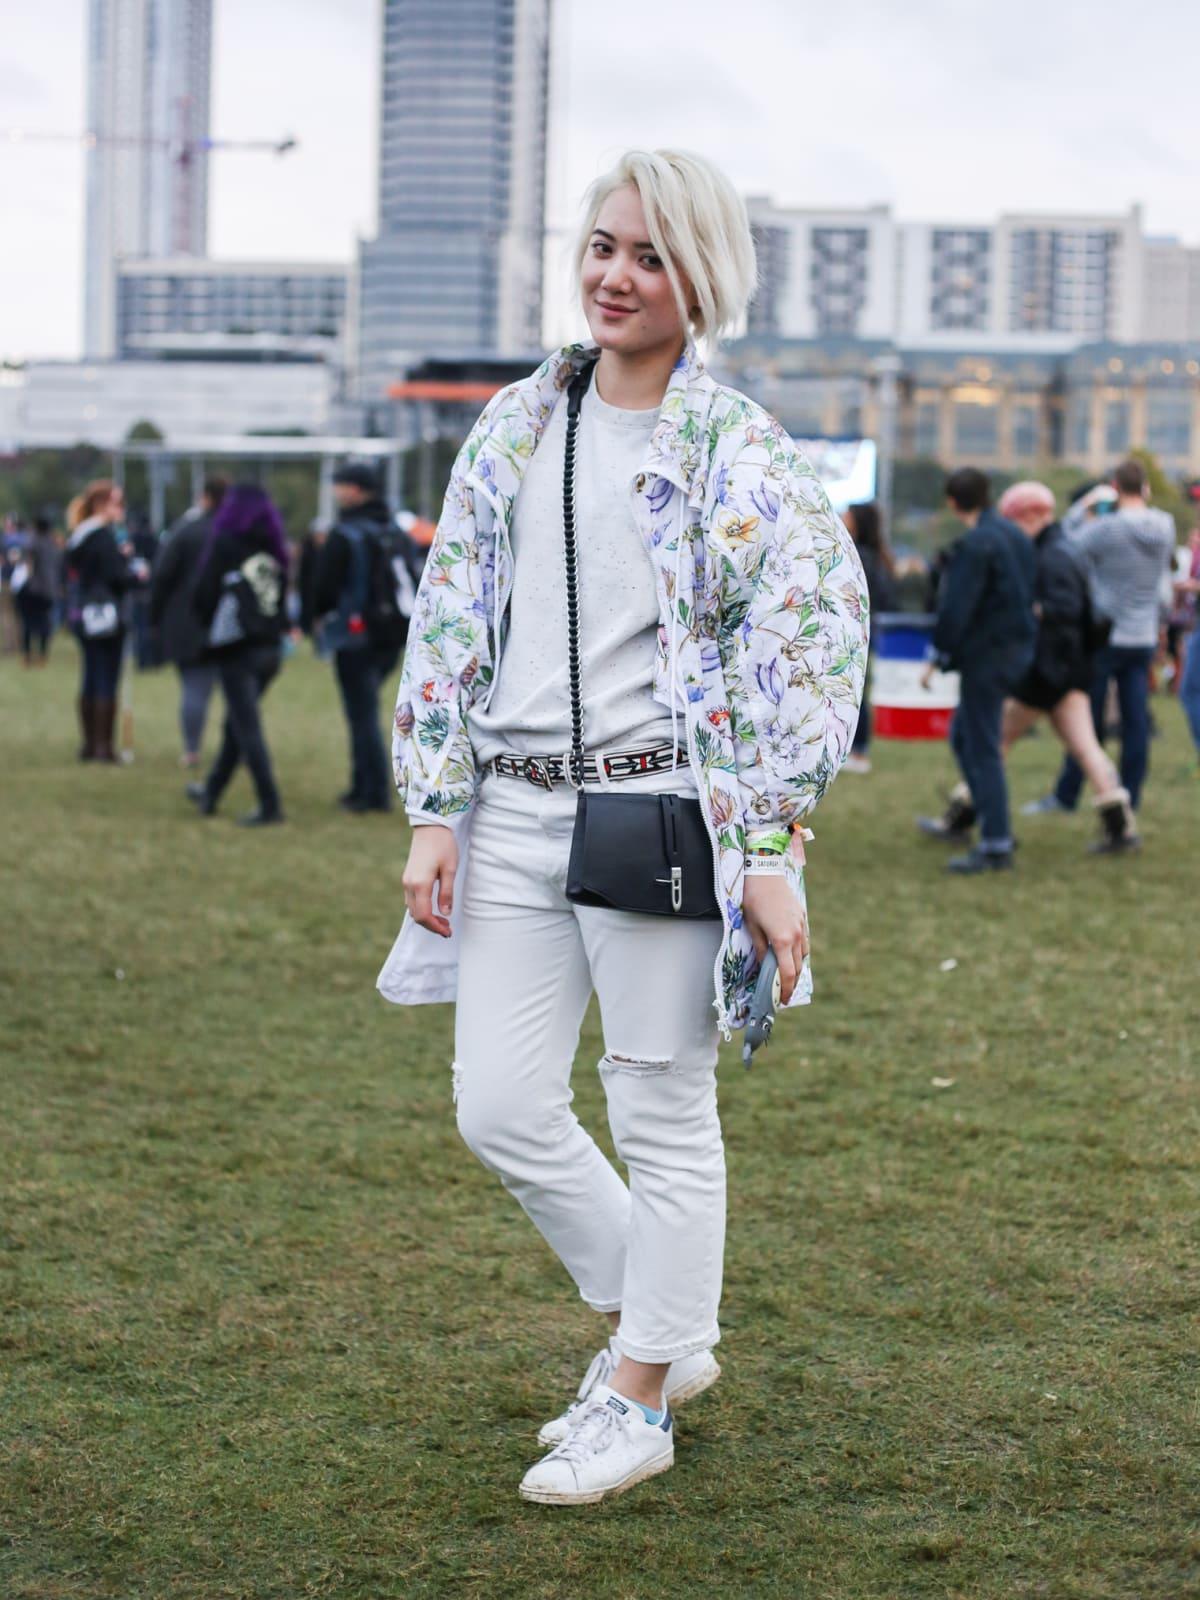 Fun Fun Fun Fest 2015 Fashion Style Jasmin Sus